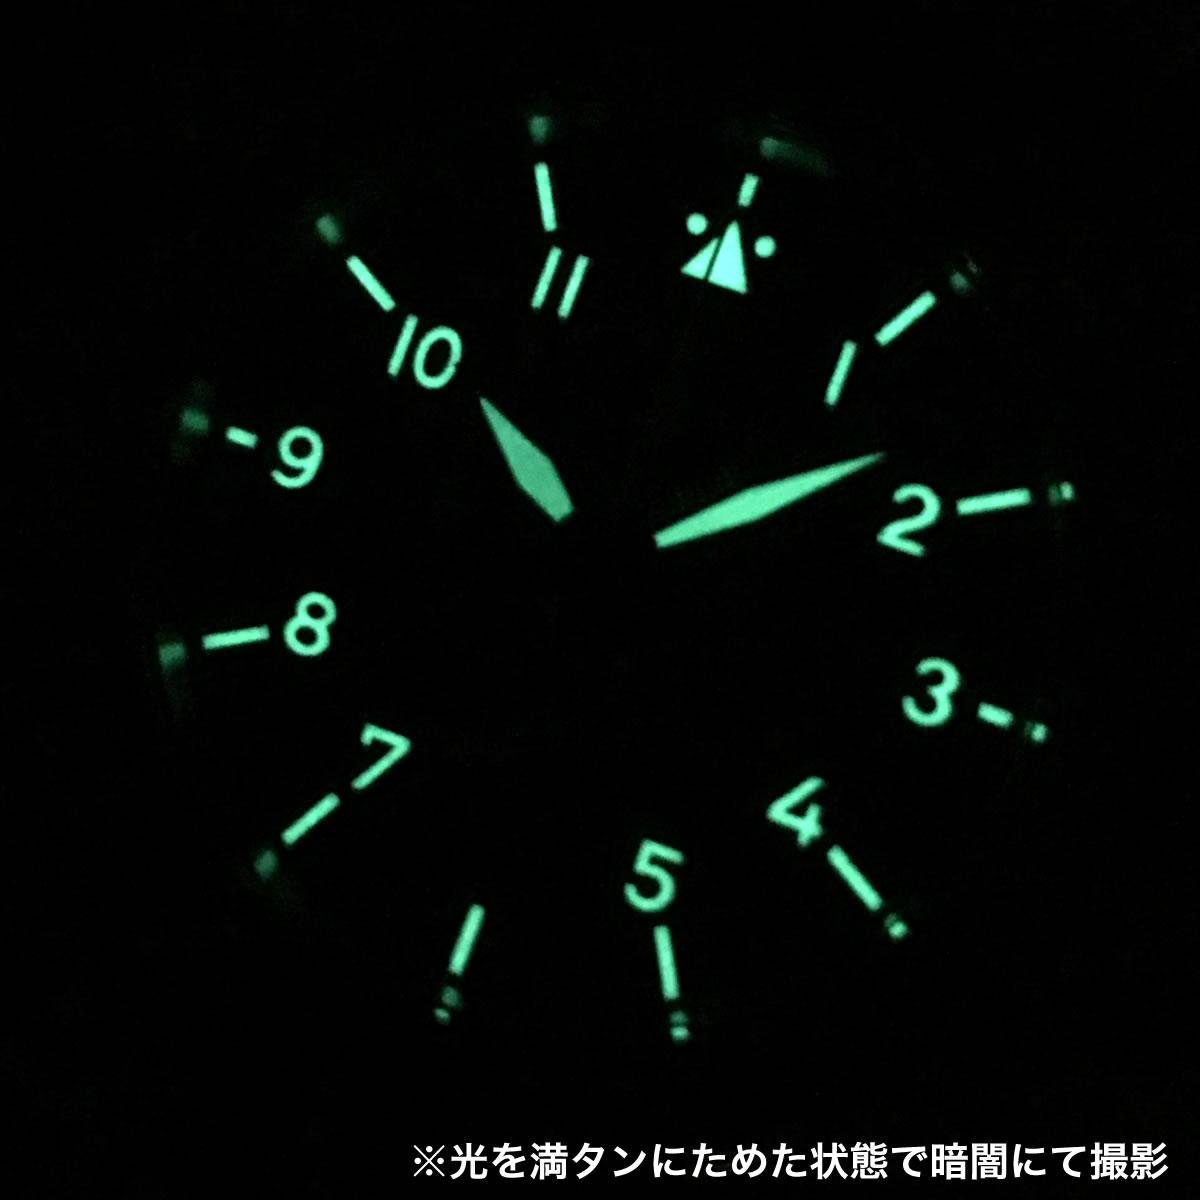 スーパールミノバインデックス・針 861915